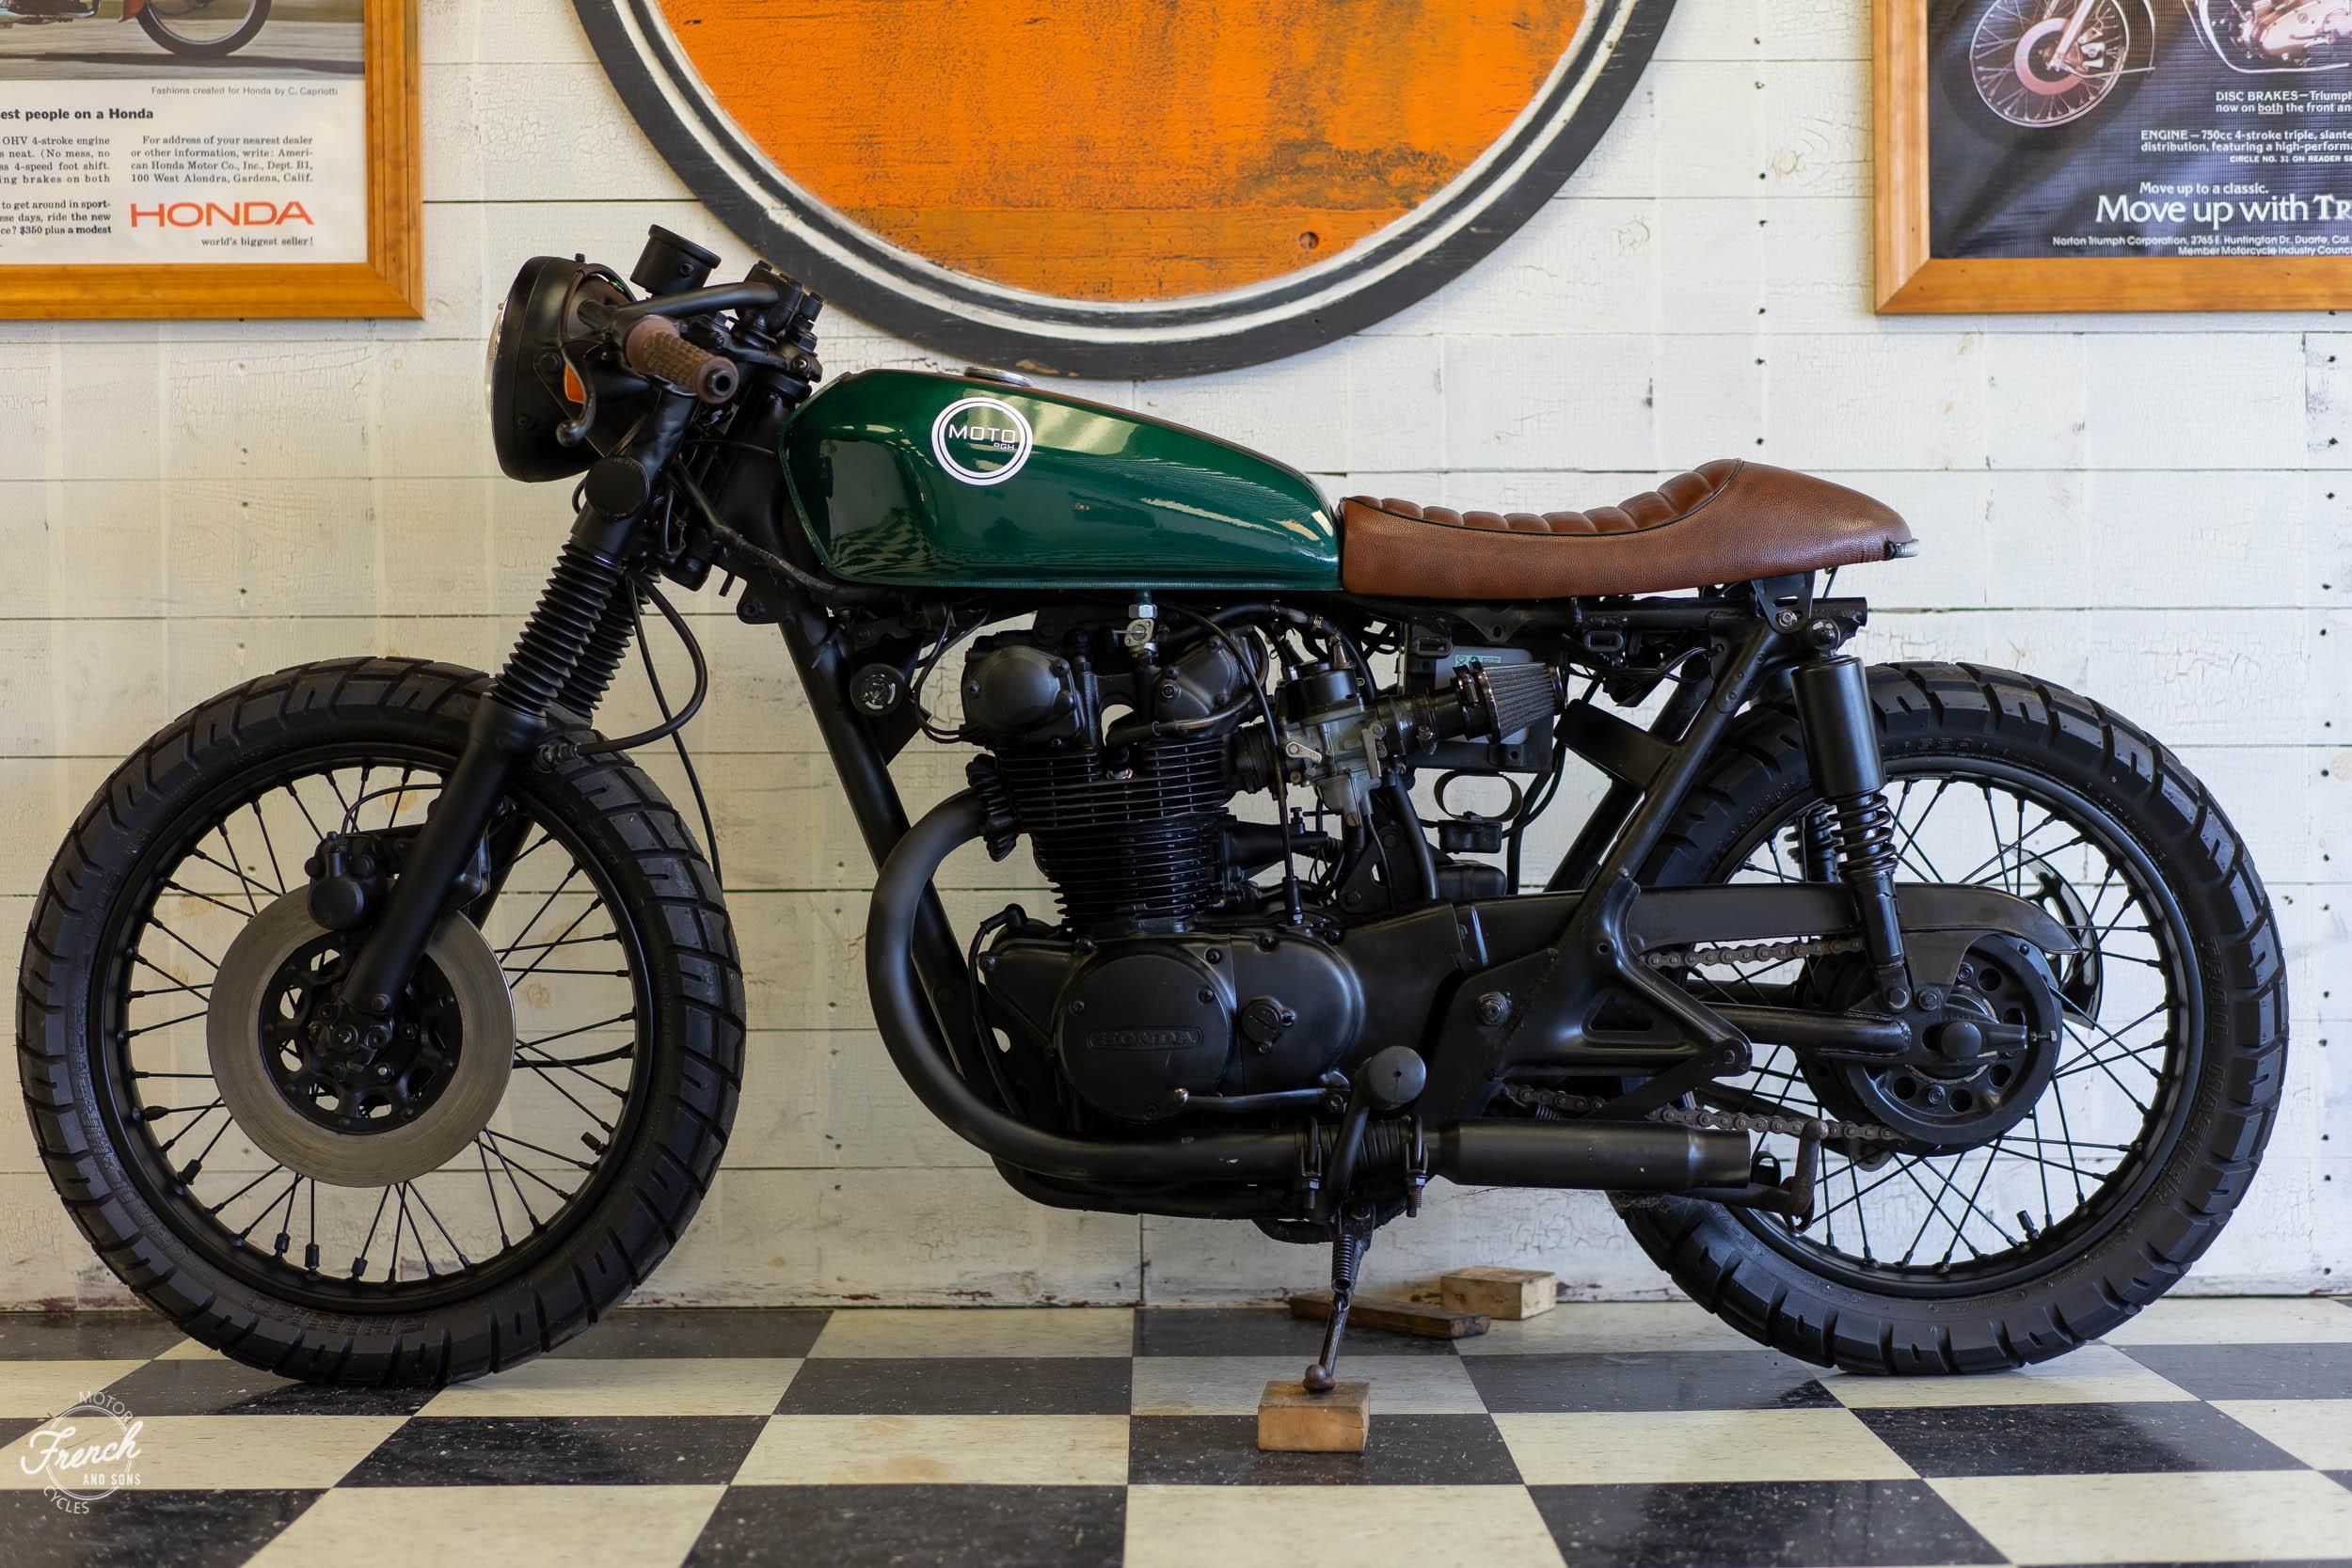 1974_honda_cb450_cafe_racer-16.jpg